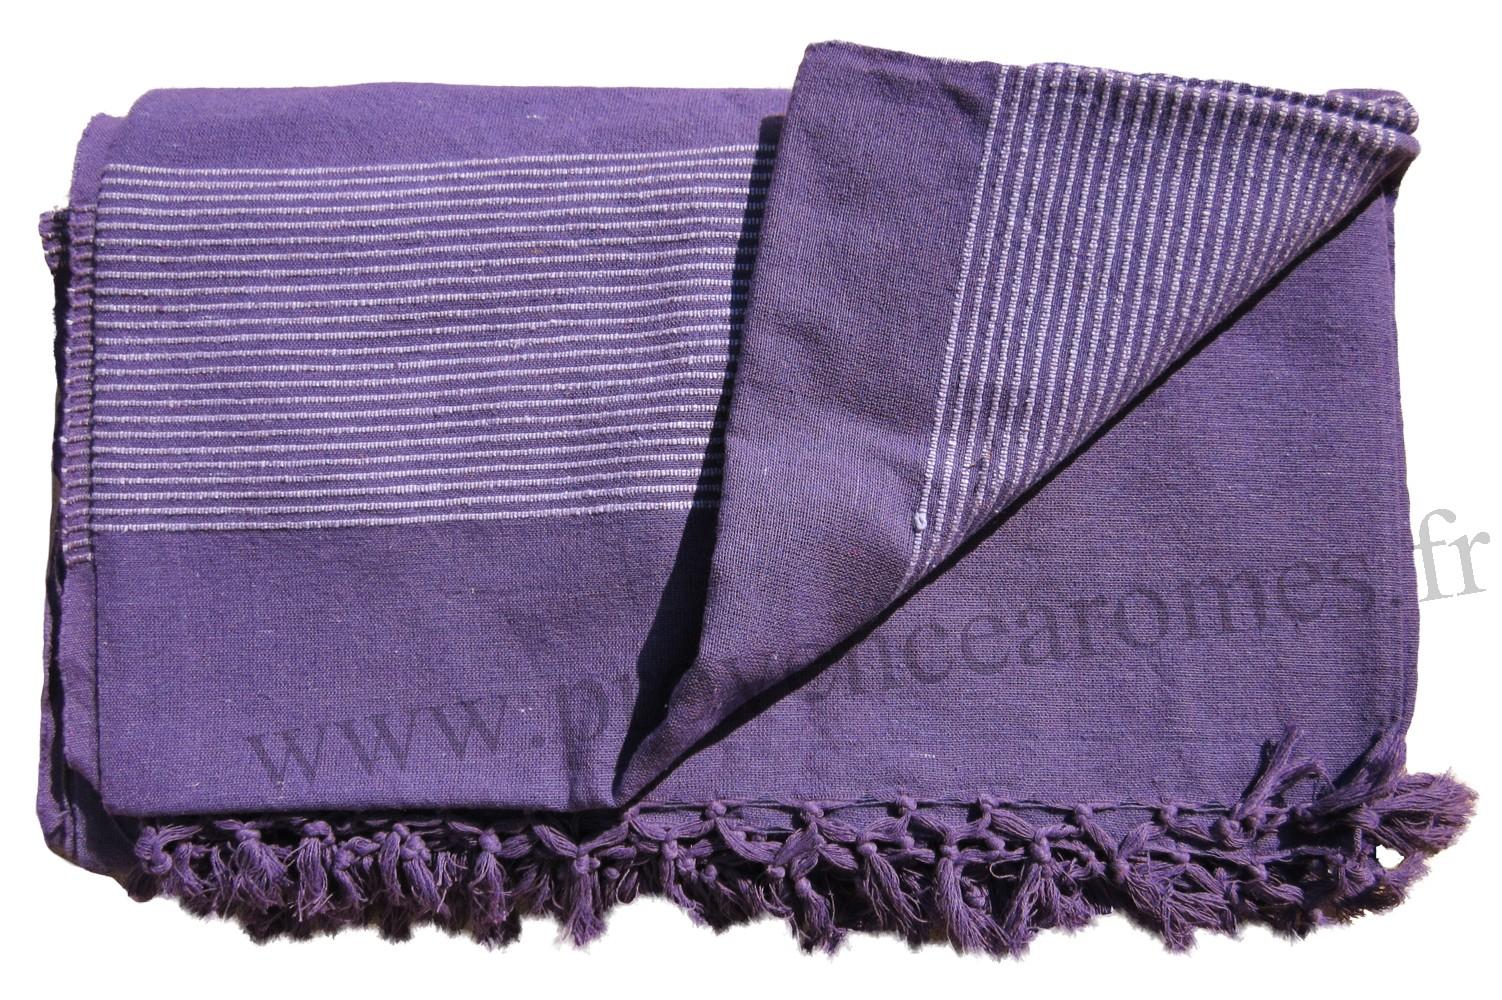 grande tenture krala plaid couvre lit violet provence armes tendance sud - Couvre Lit Violet